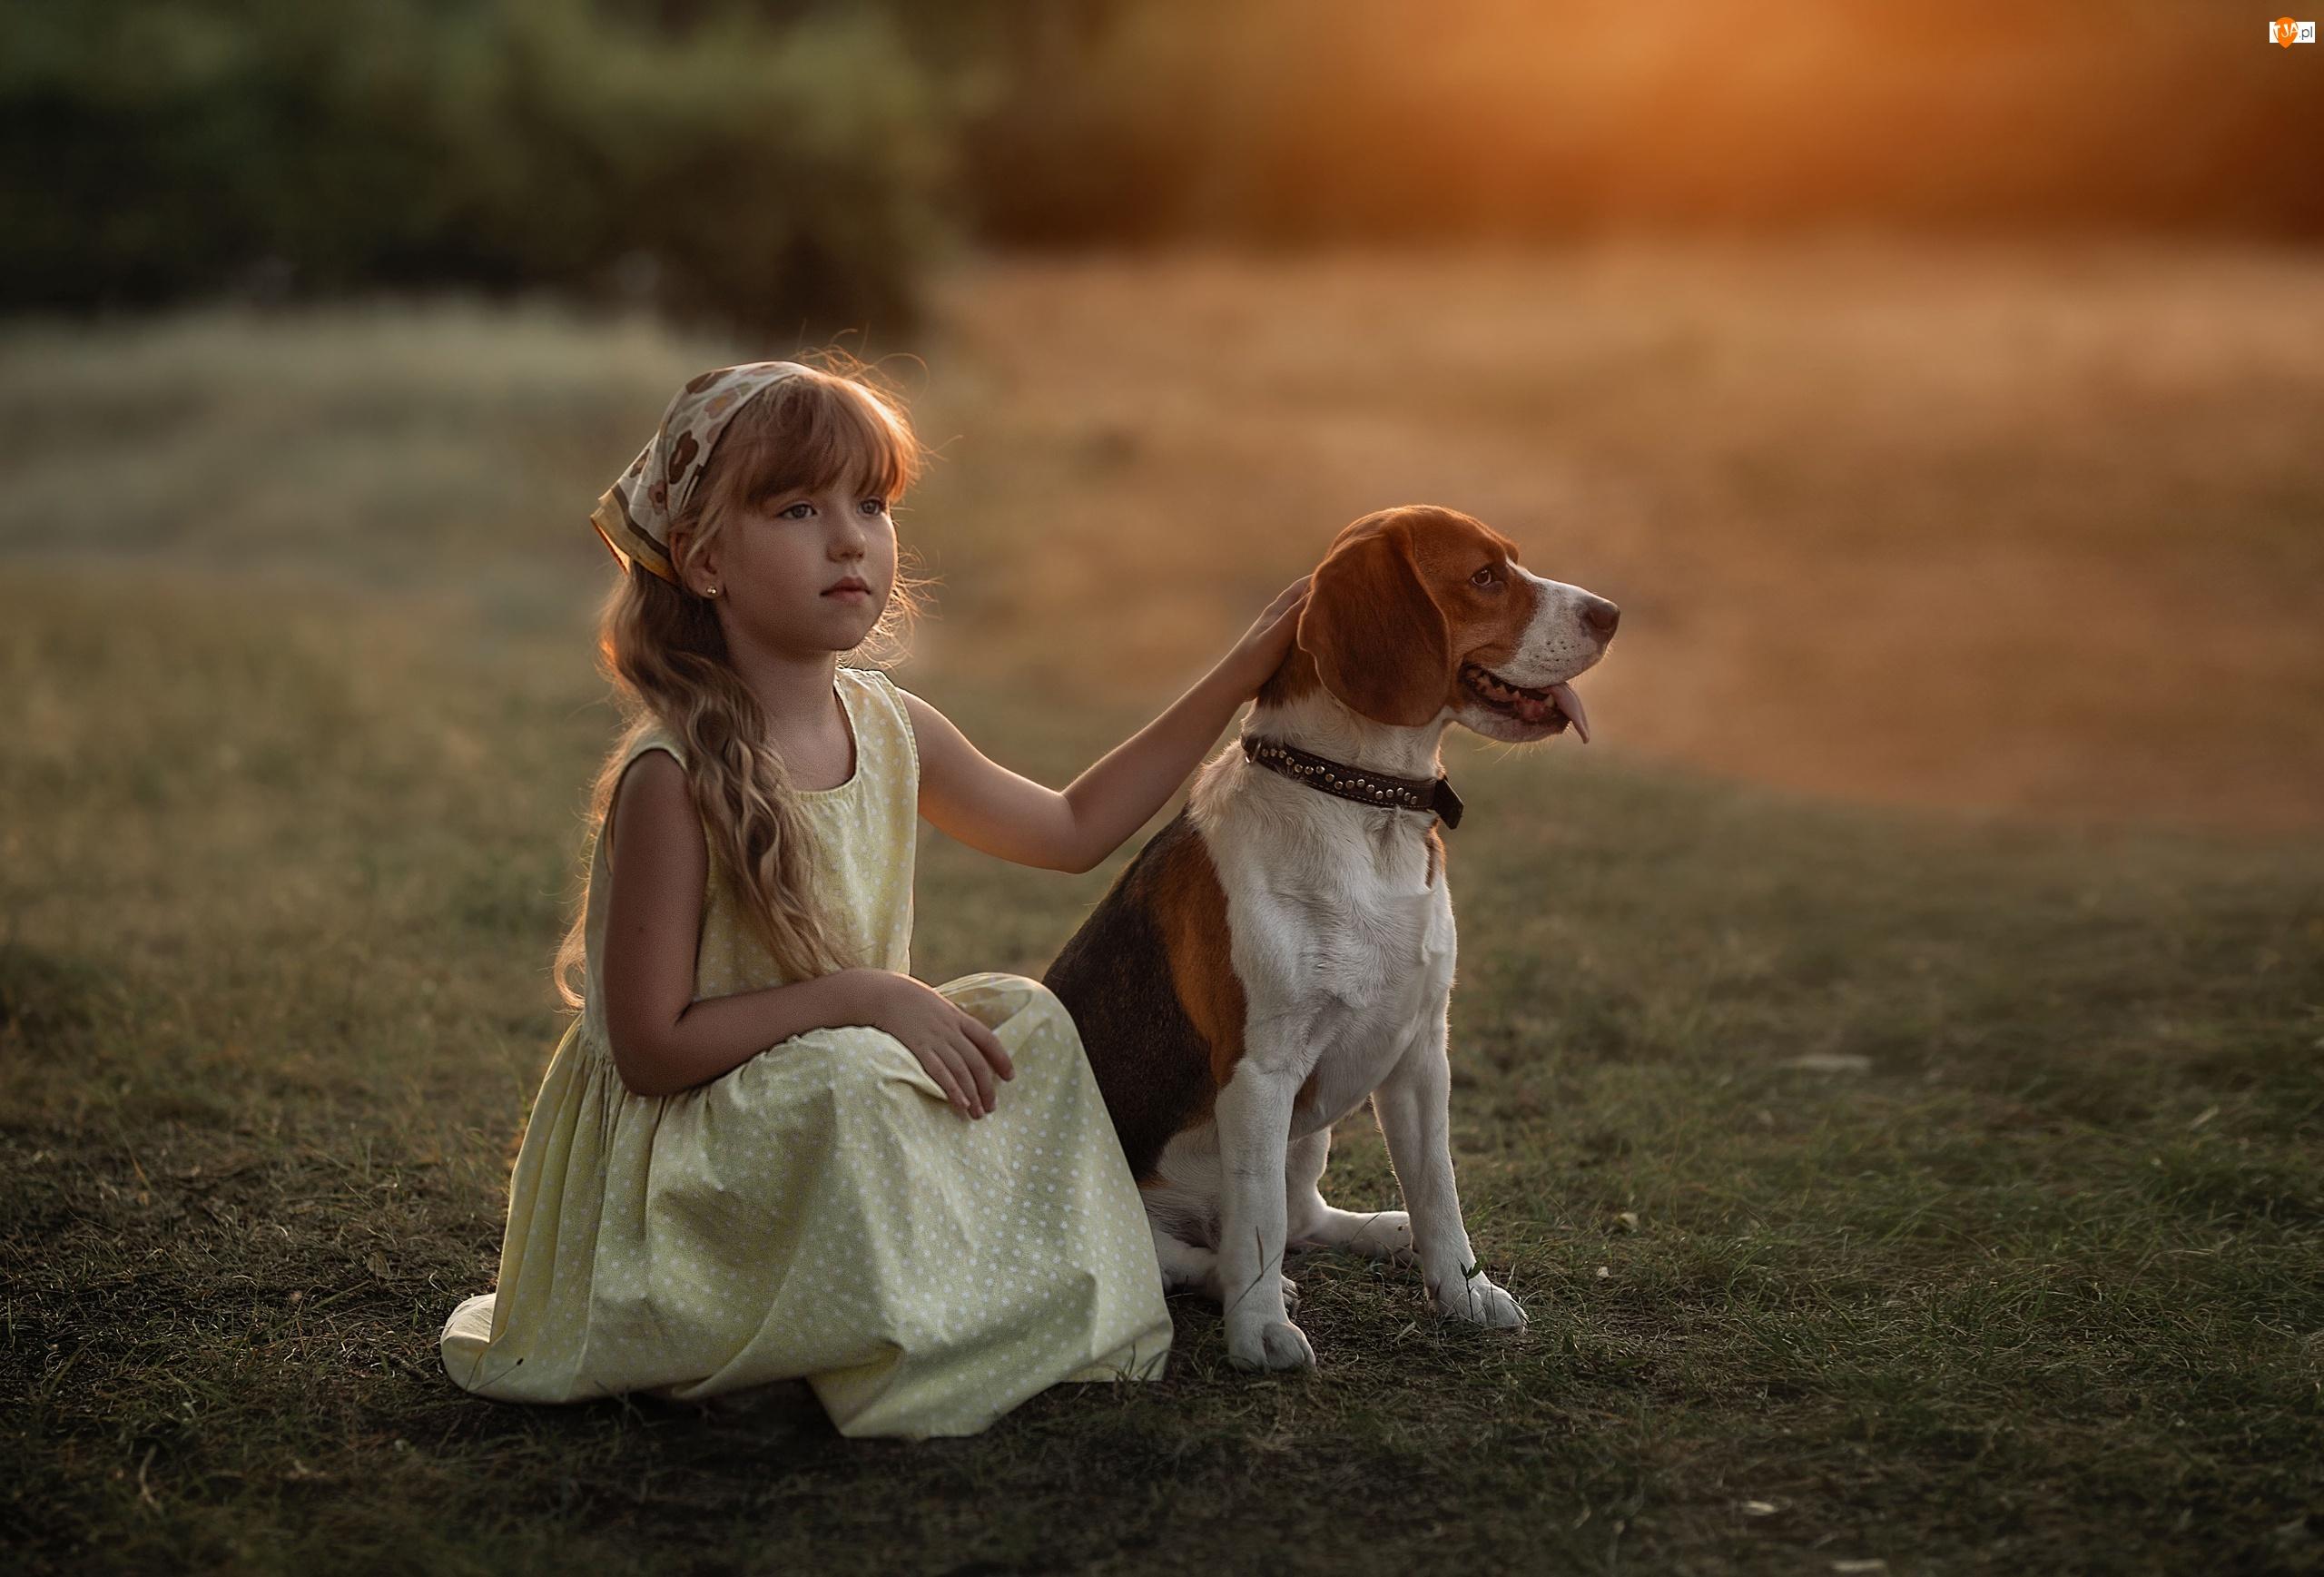 Dziewczynka, Chustka, Rozmycie, Trawa, Beagle, Pies, Głaskanie